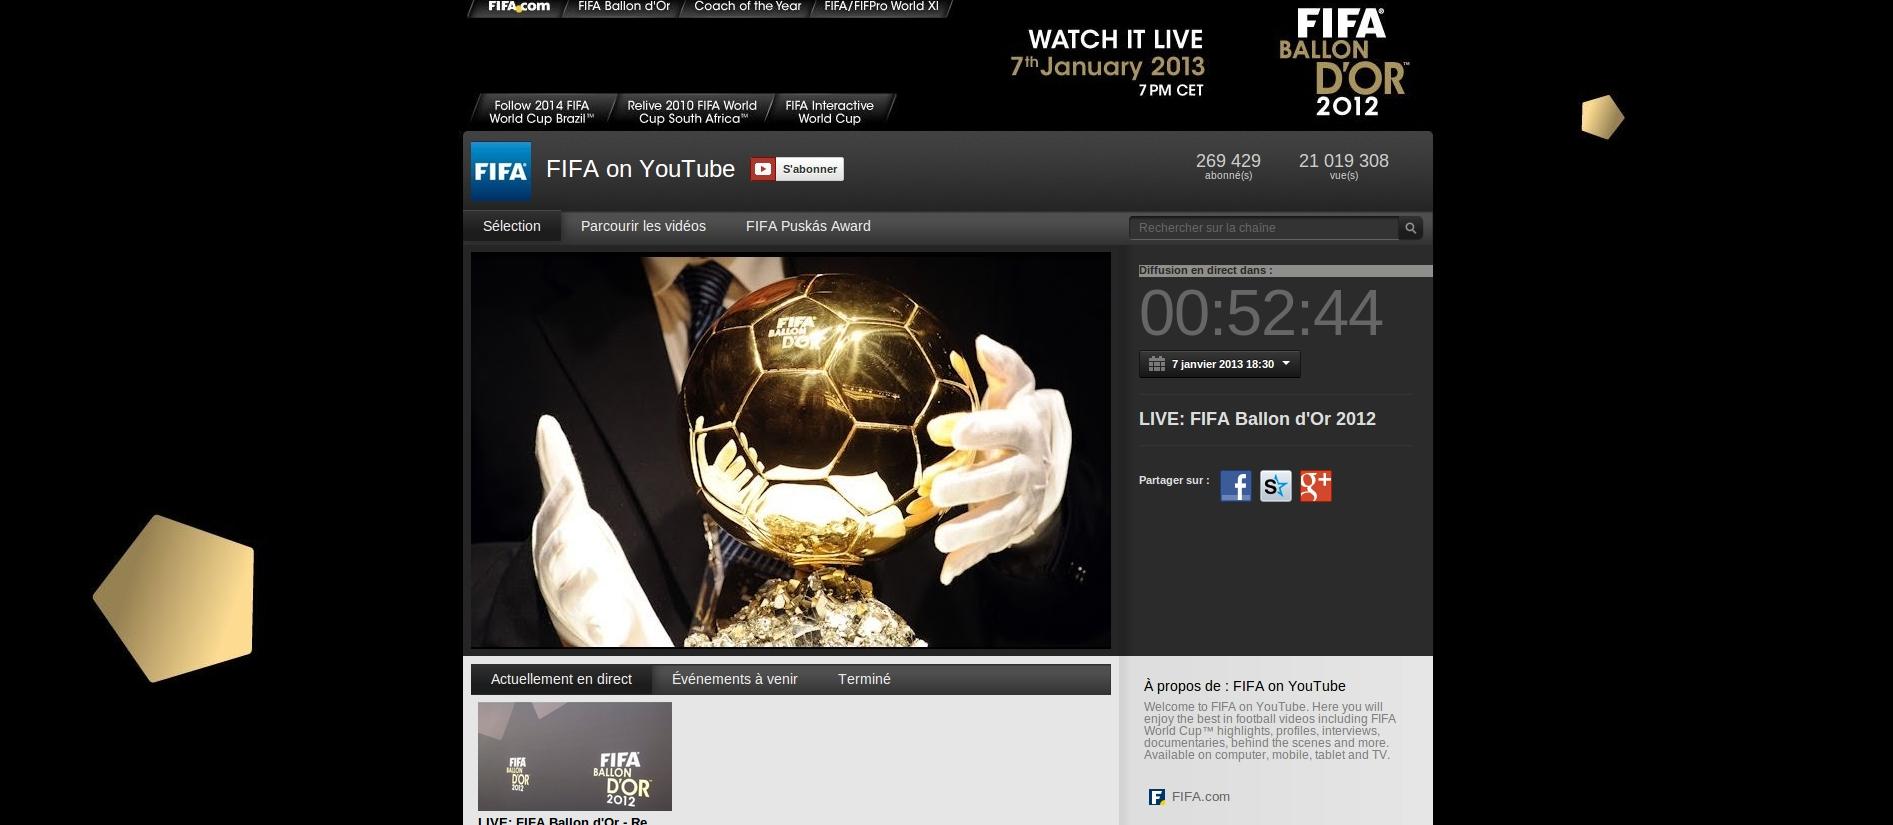 Fifa ballon d'or 2012 en direct